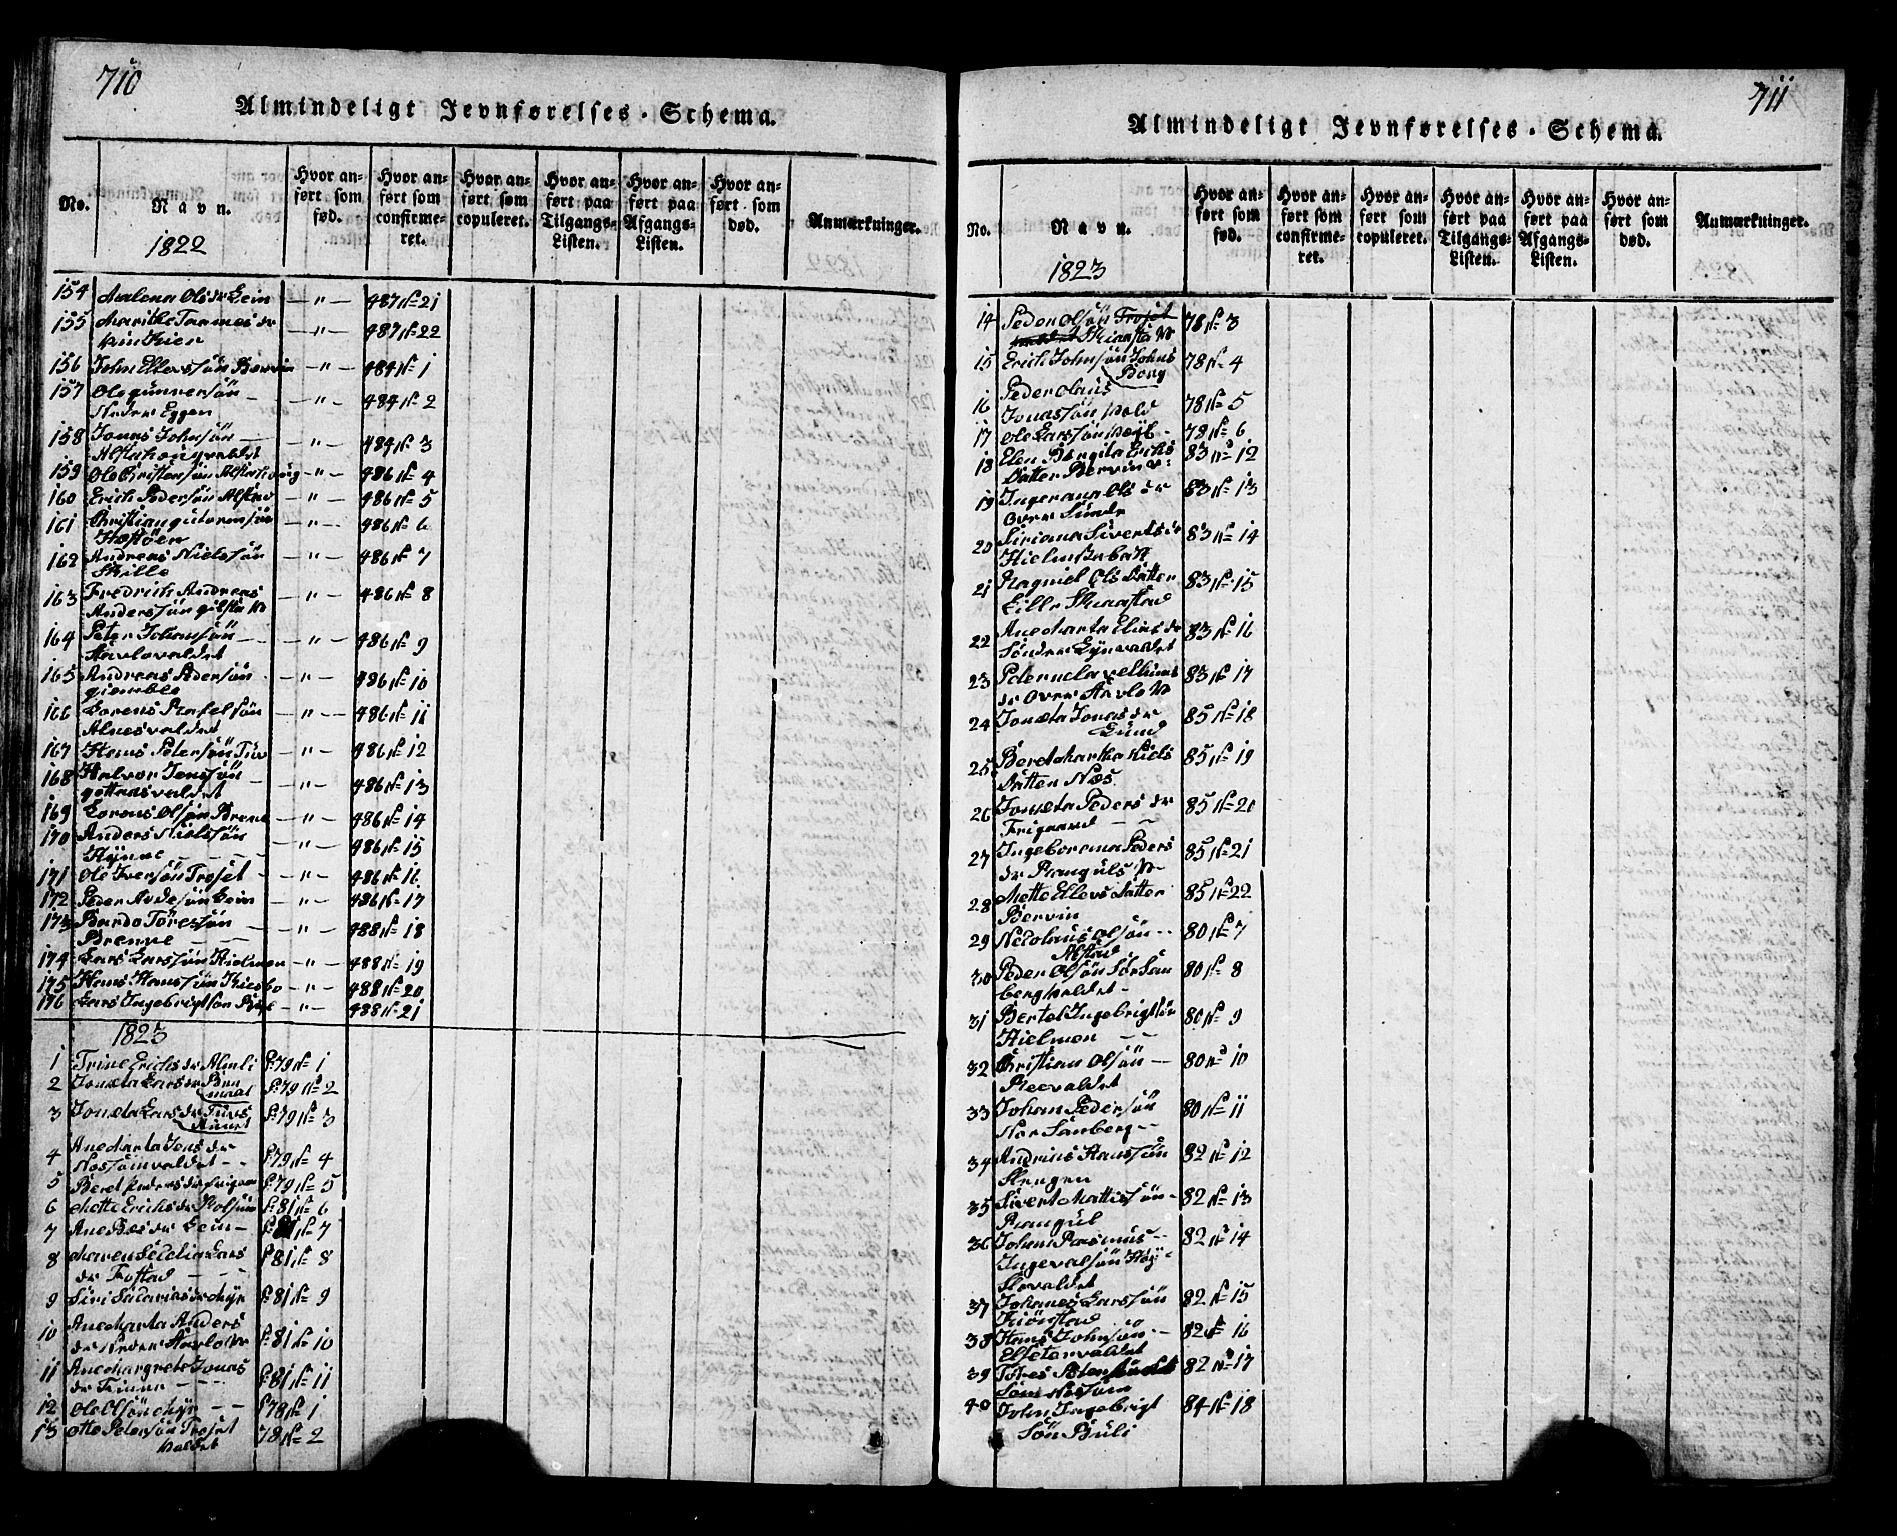 SAT, Ministerialprotokoller, klokkerbøker og fødselsregistre - Nord-Trøndelag, 717/L0169: Klokkerbok nr. 717C01, 1816-1834, s. 710-711